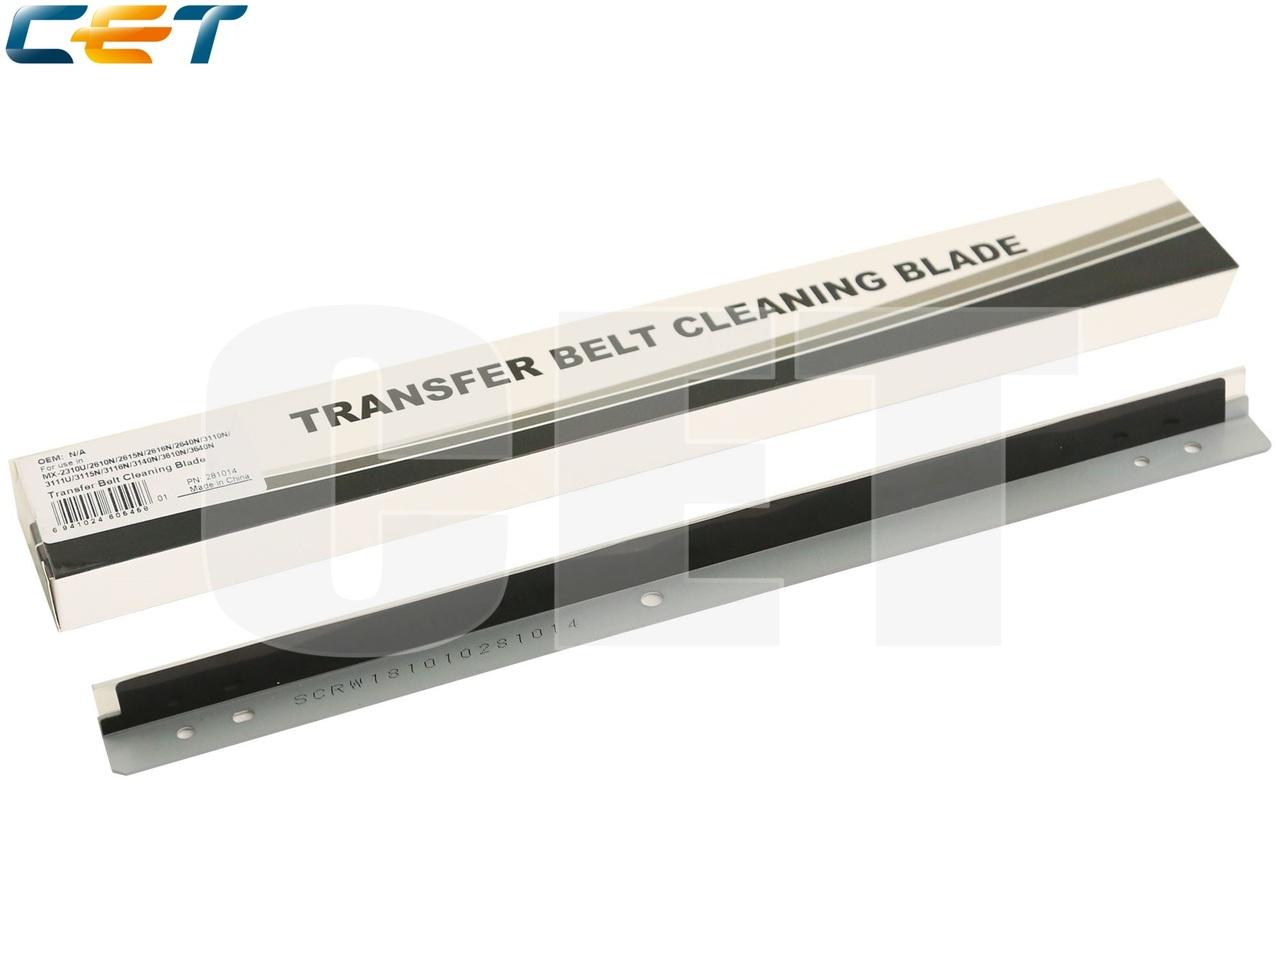 Лезвие очистки ленты переноса CCLEZ0217FC31 для SHARPMX-2310U/2610N/2615N (CET), CET281014